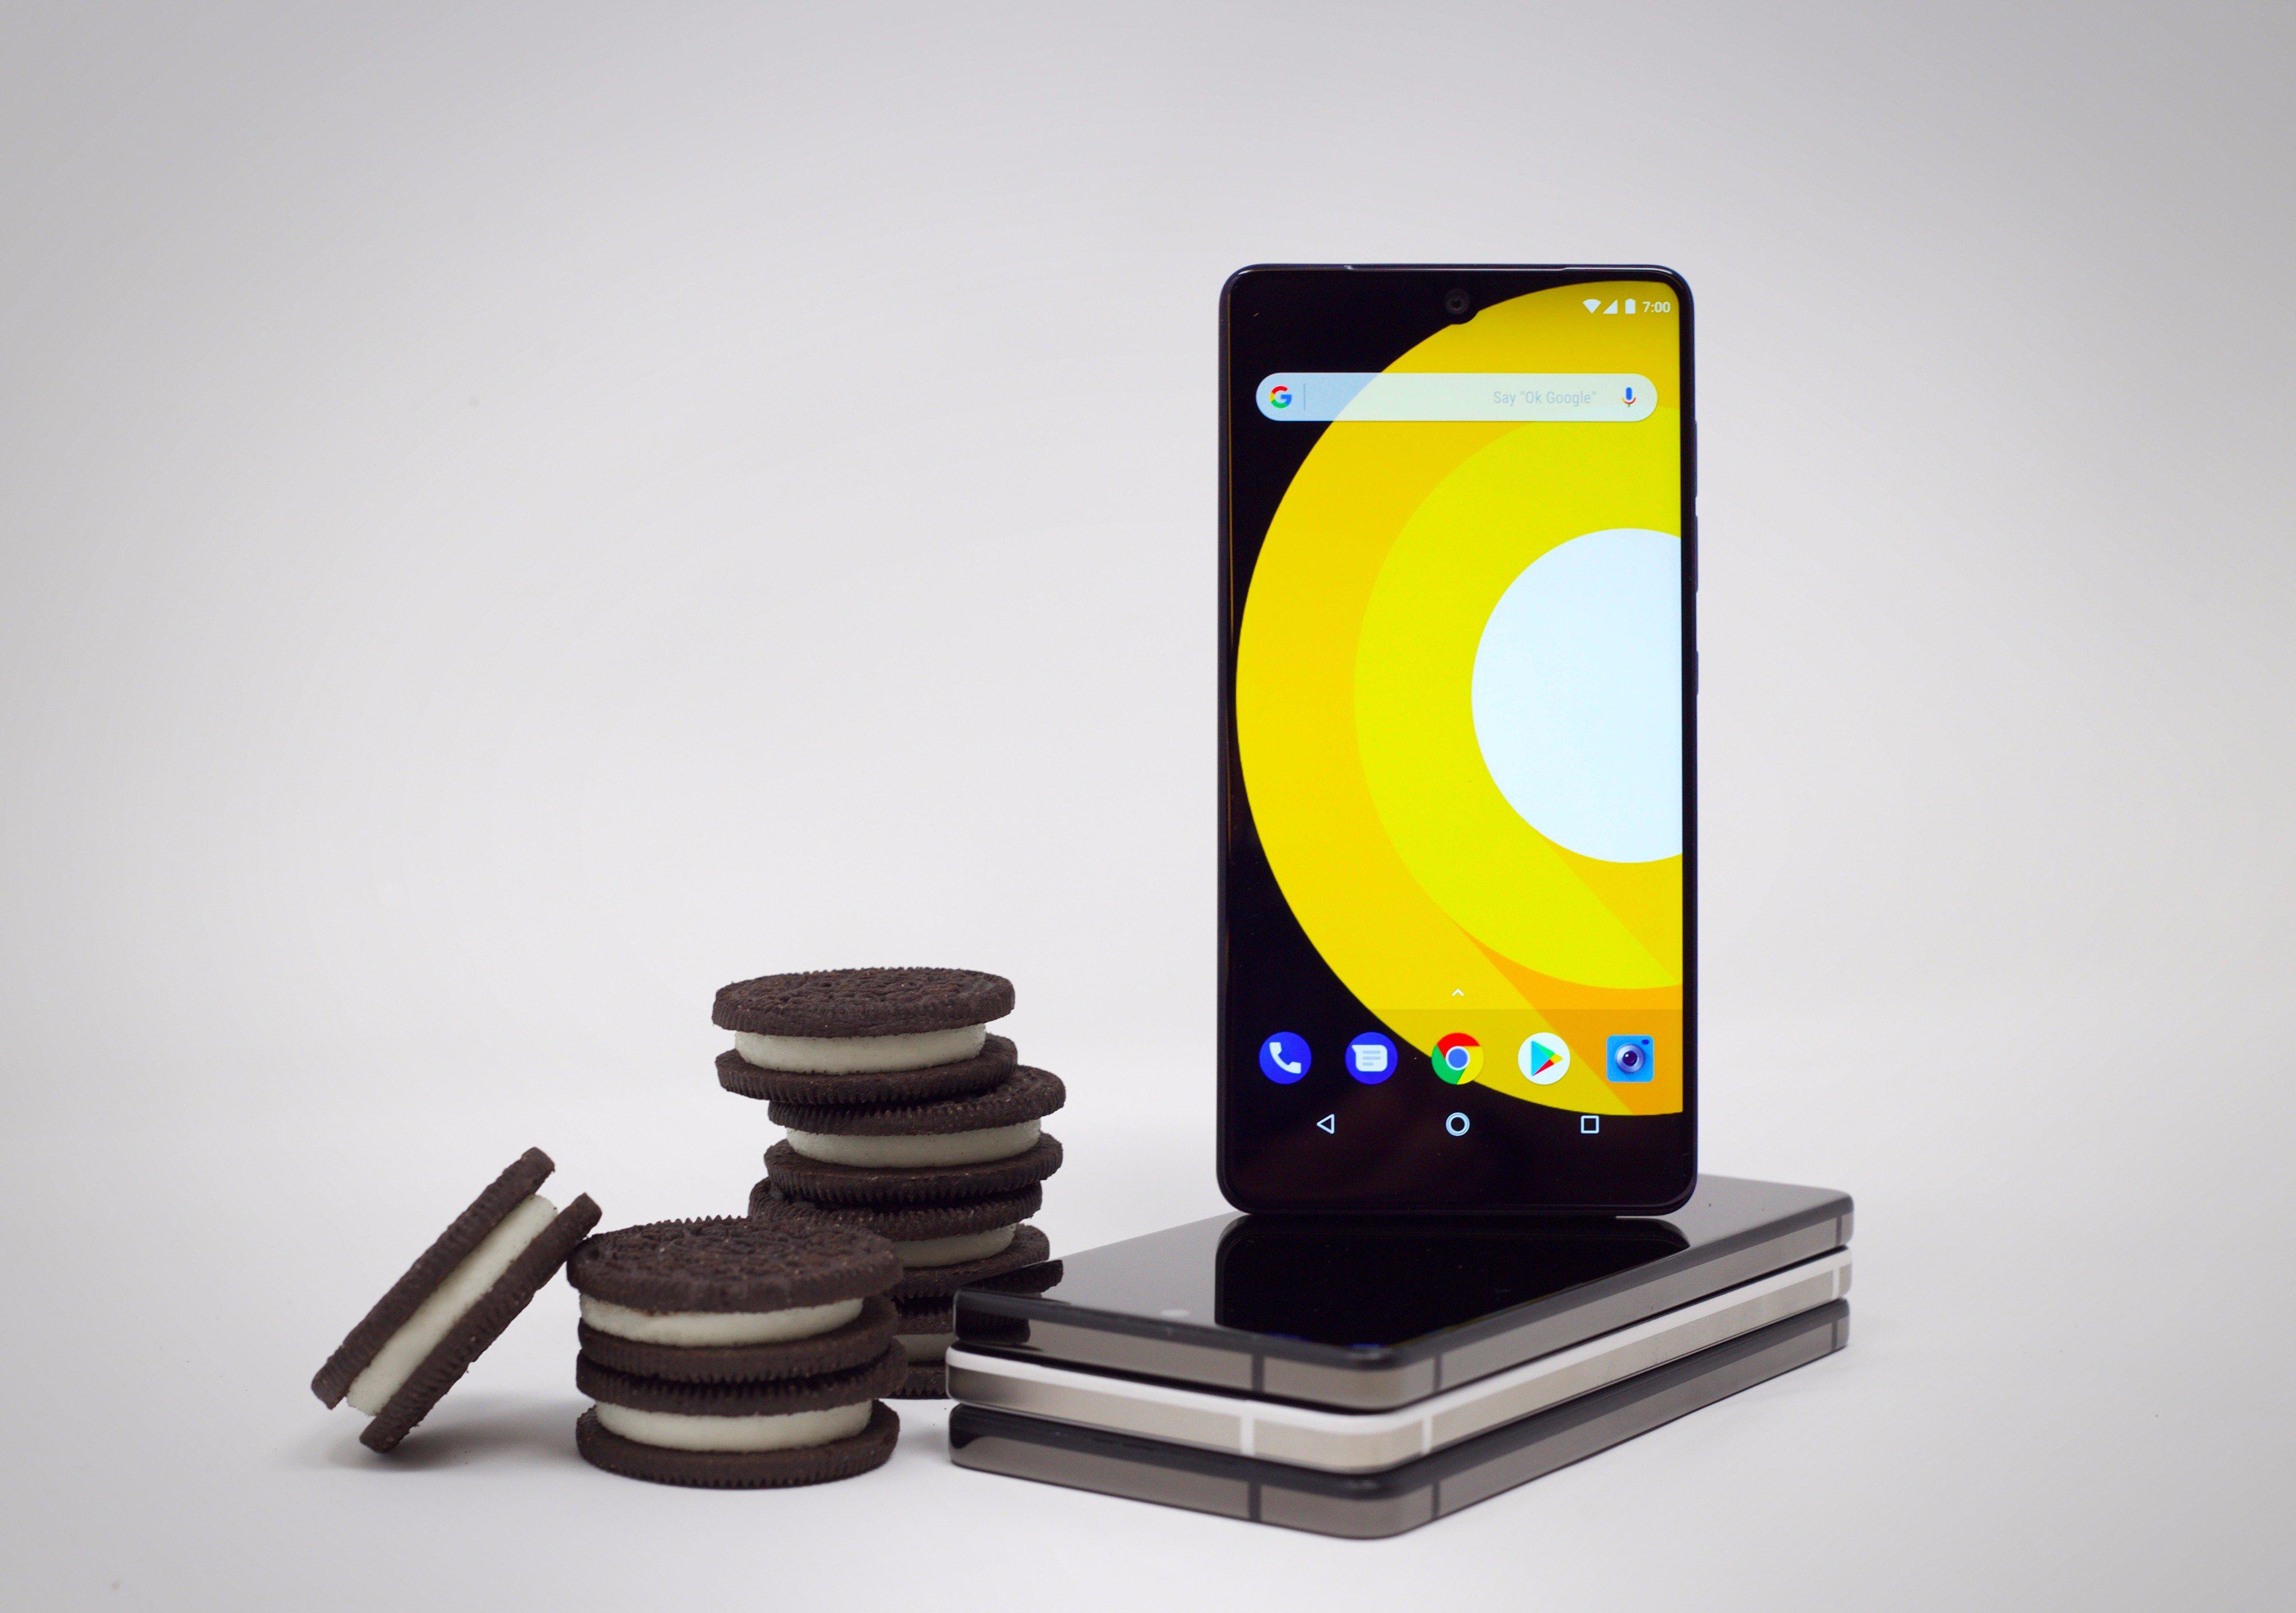 Essential Phone PH-1 : Android 8.0 est annulé, la faute rejetée sur Google